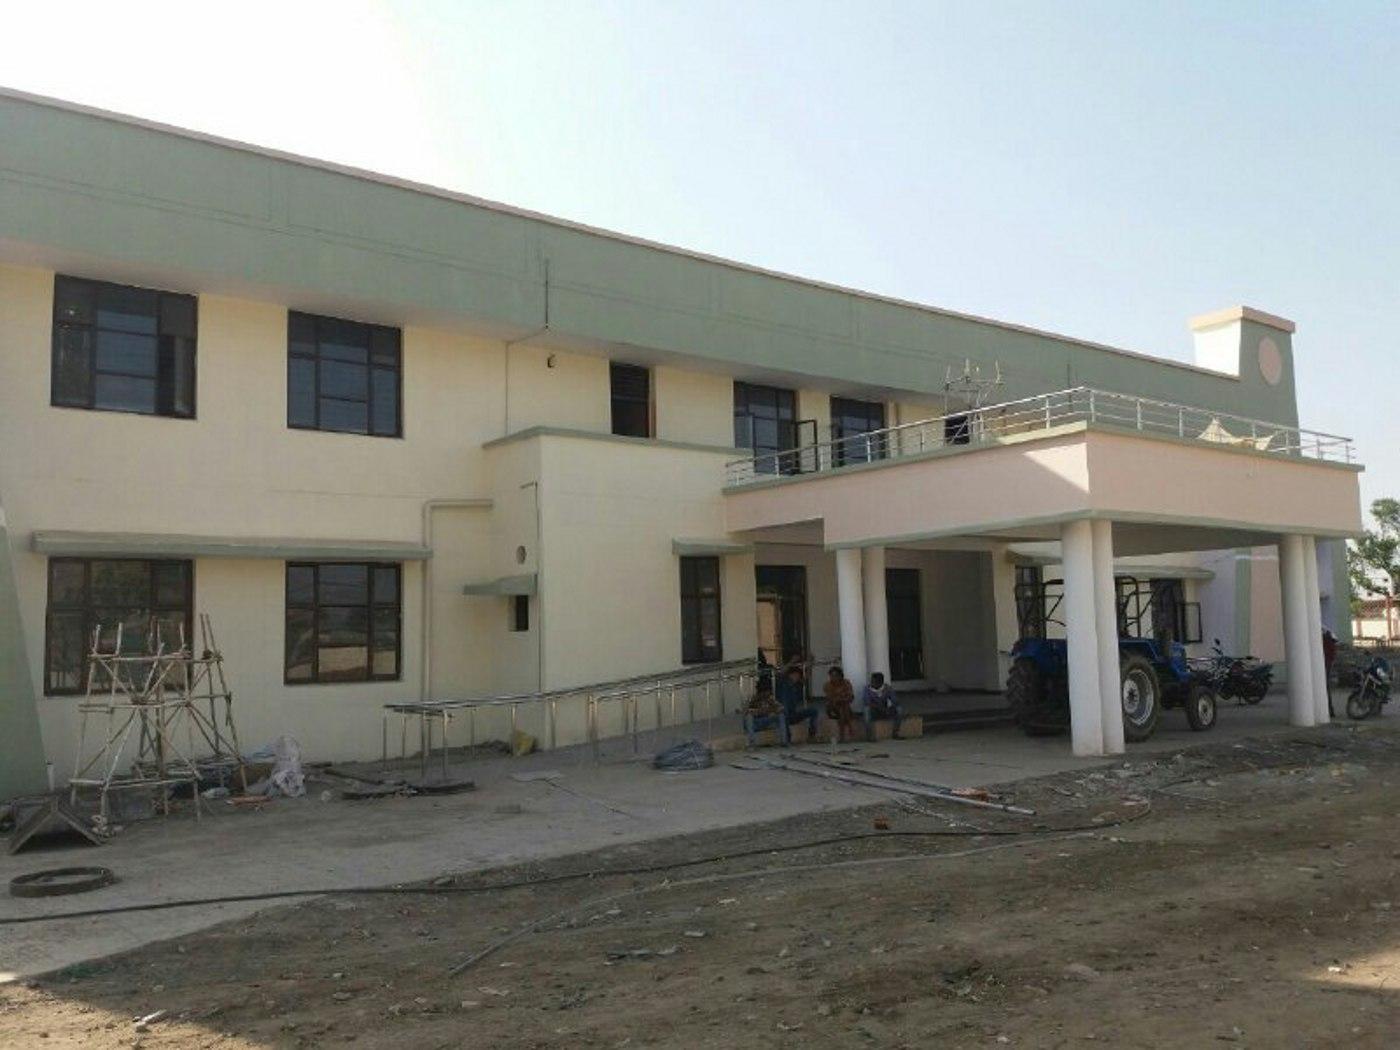 आज से केंद्रीय विद्यालय की नई बिल्डिंग में पढऩे जाएंगे छात्र